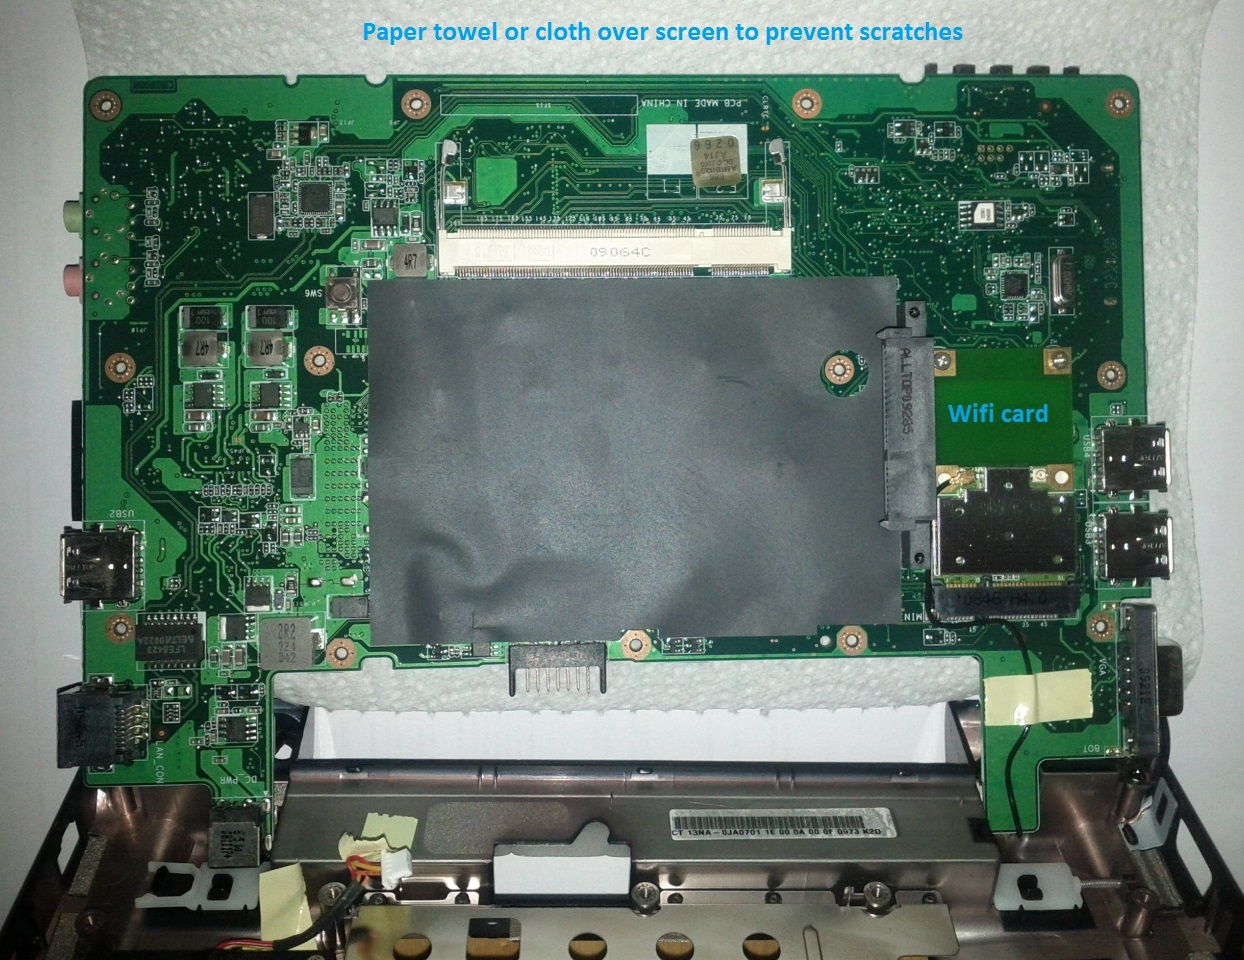 Asus Eee PC 900HD motherboard (bottom)